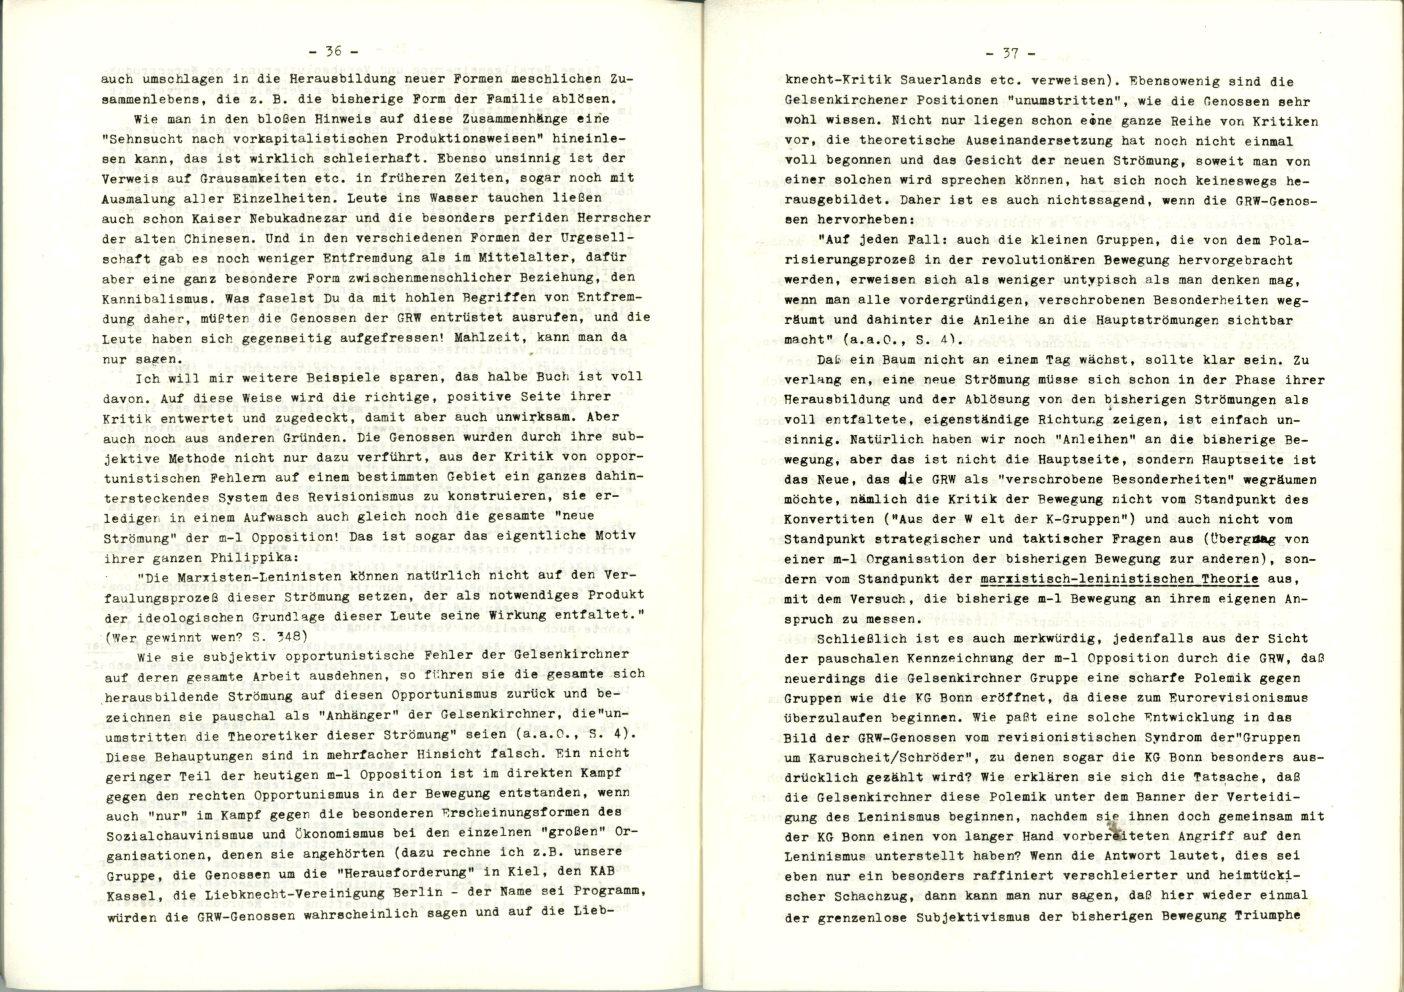 Nuernberg_Fuerth_Erlangen_ML_Diskussionsbeitraege_1979_02_19